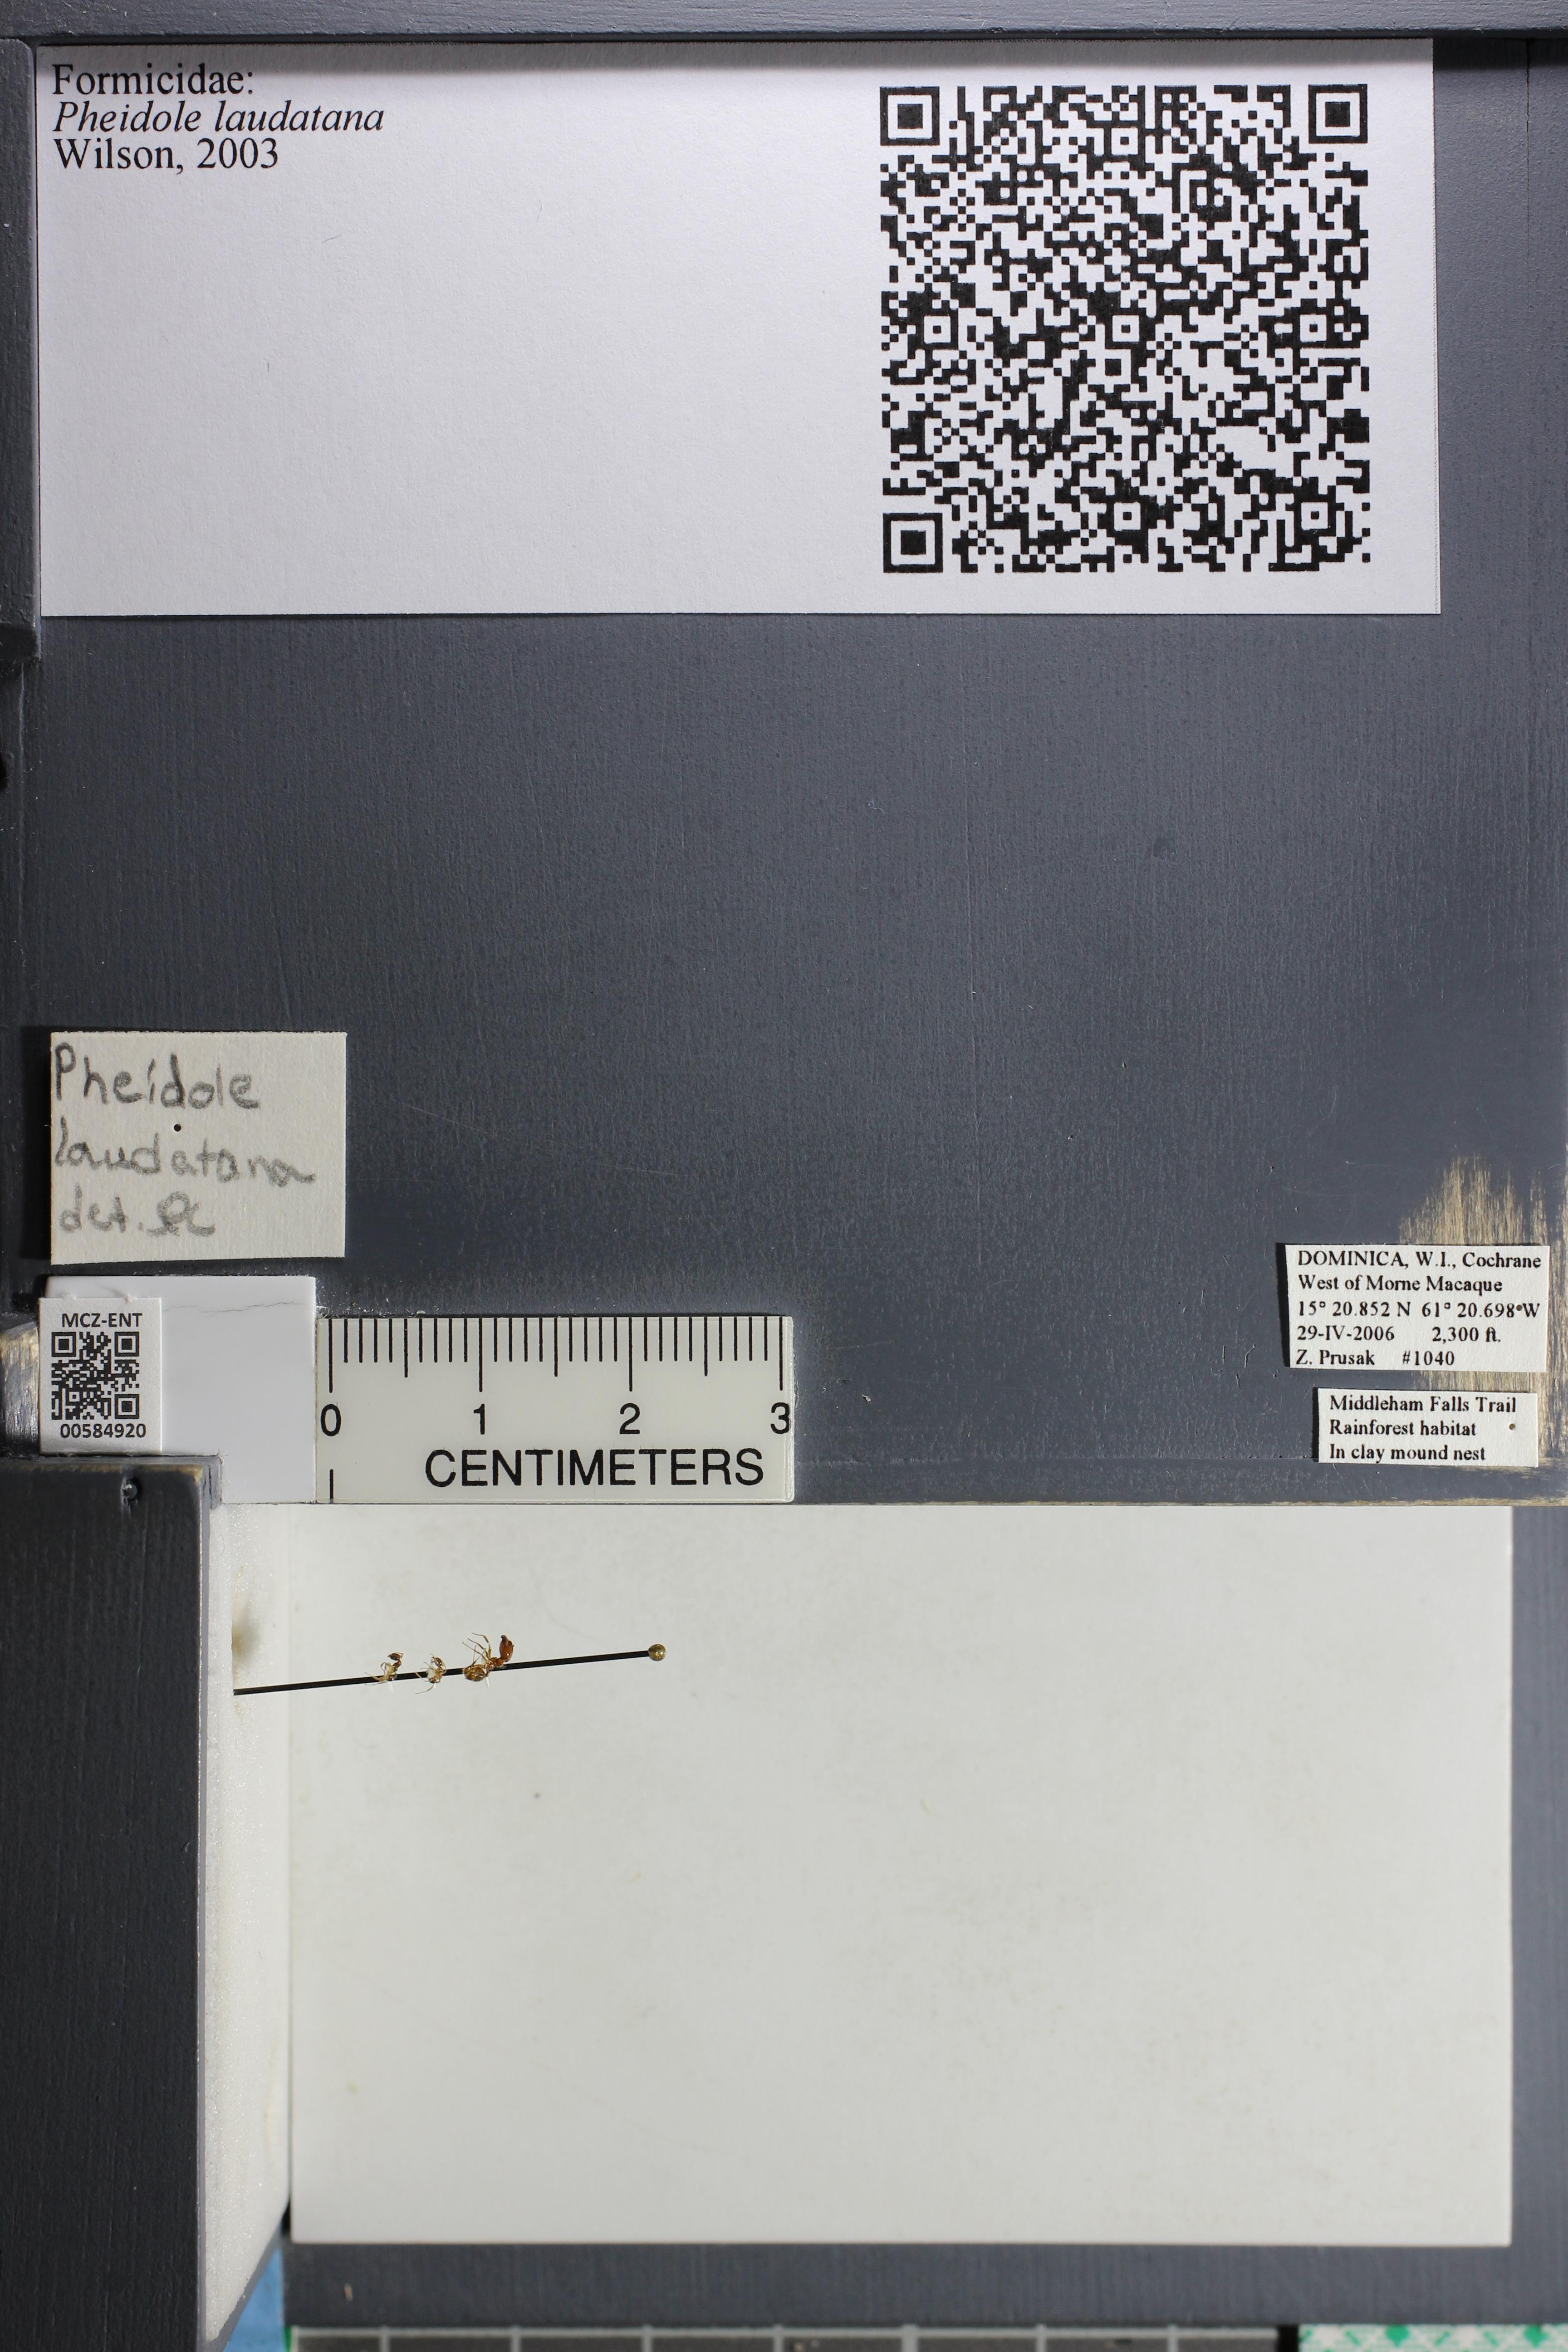 Media of type image, MCZ:Ent:584920 Identified as Pheidole laudatana.